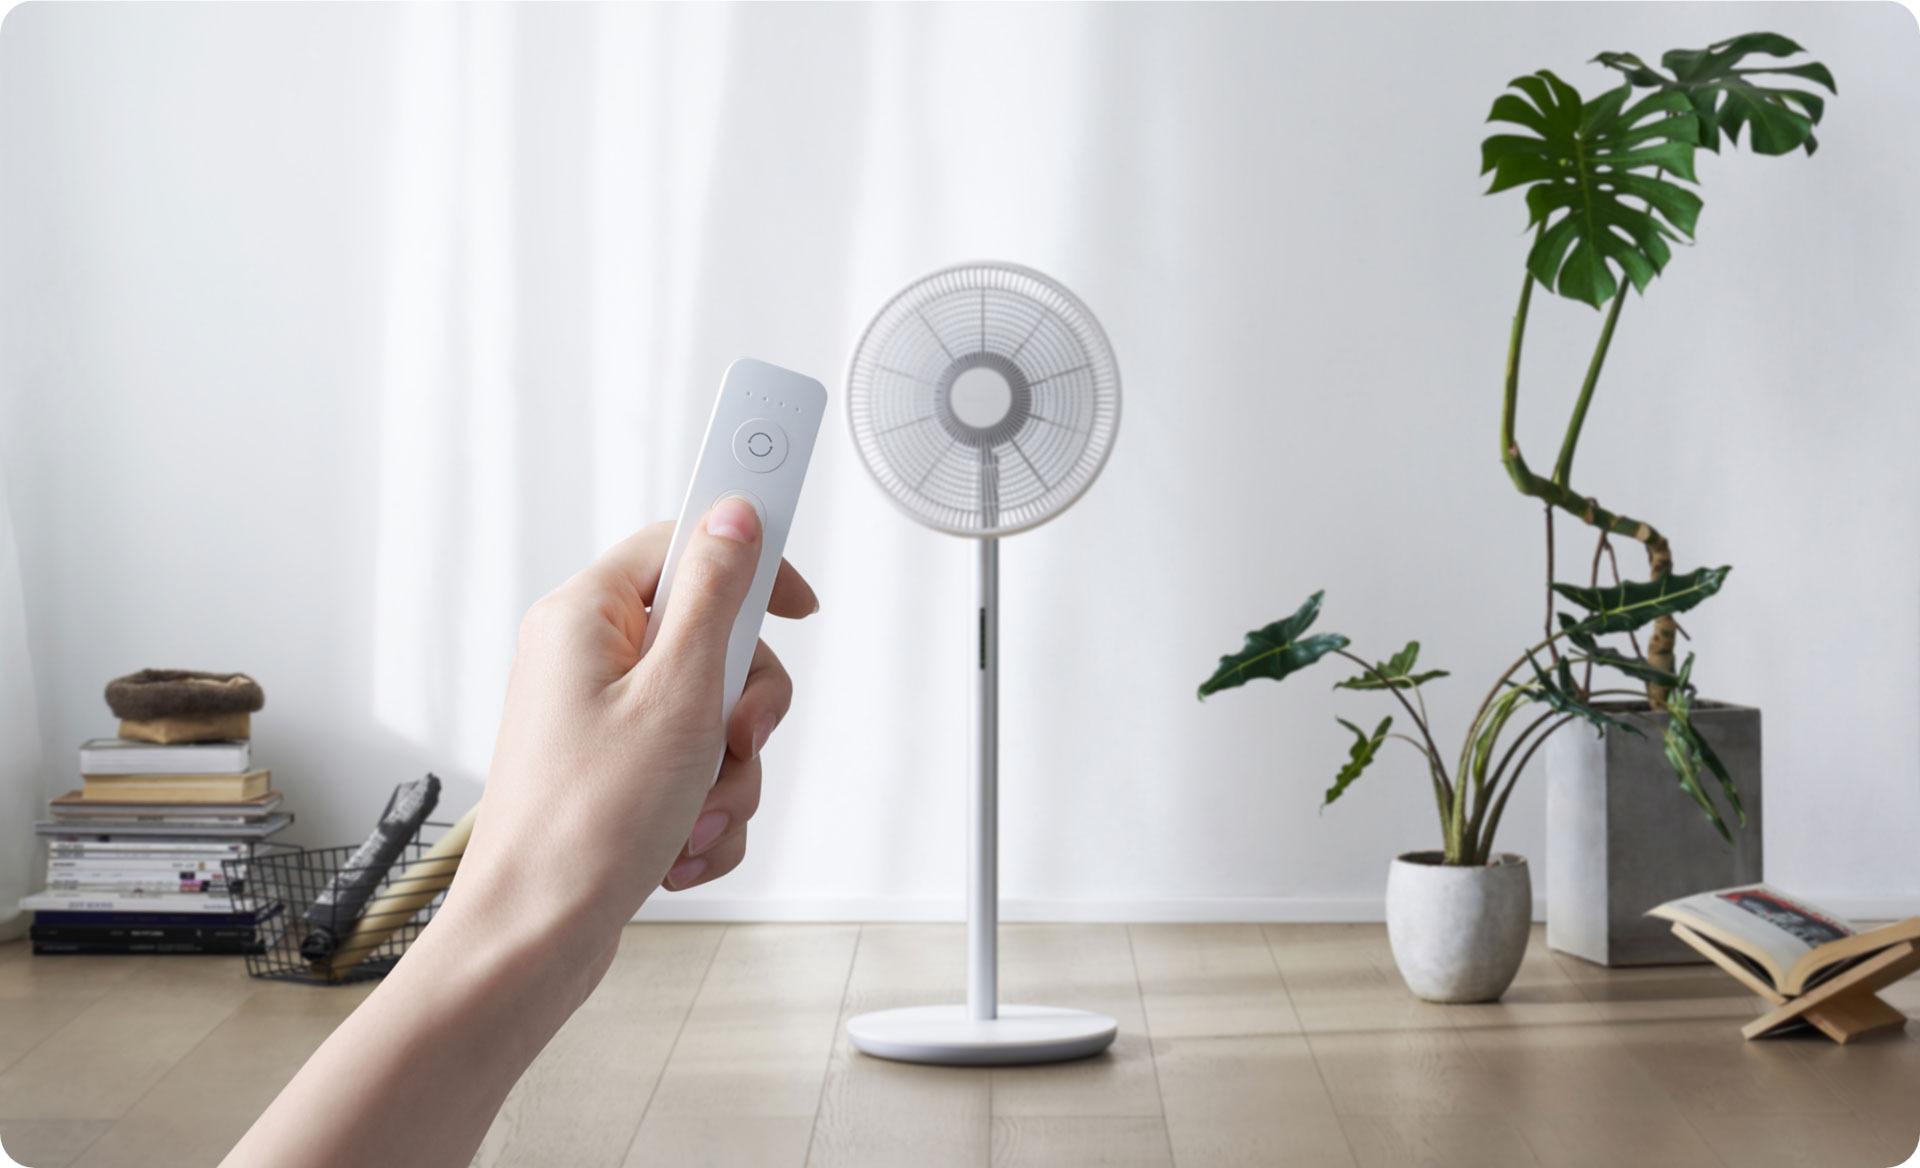 Smartmi Standing Fan 3 controlled via remote